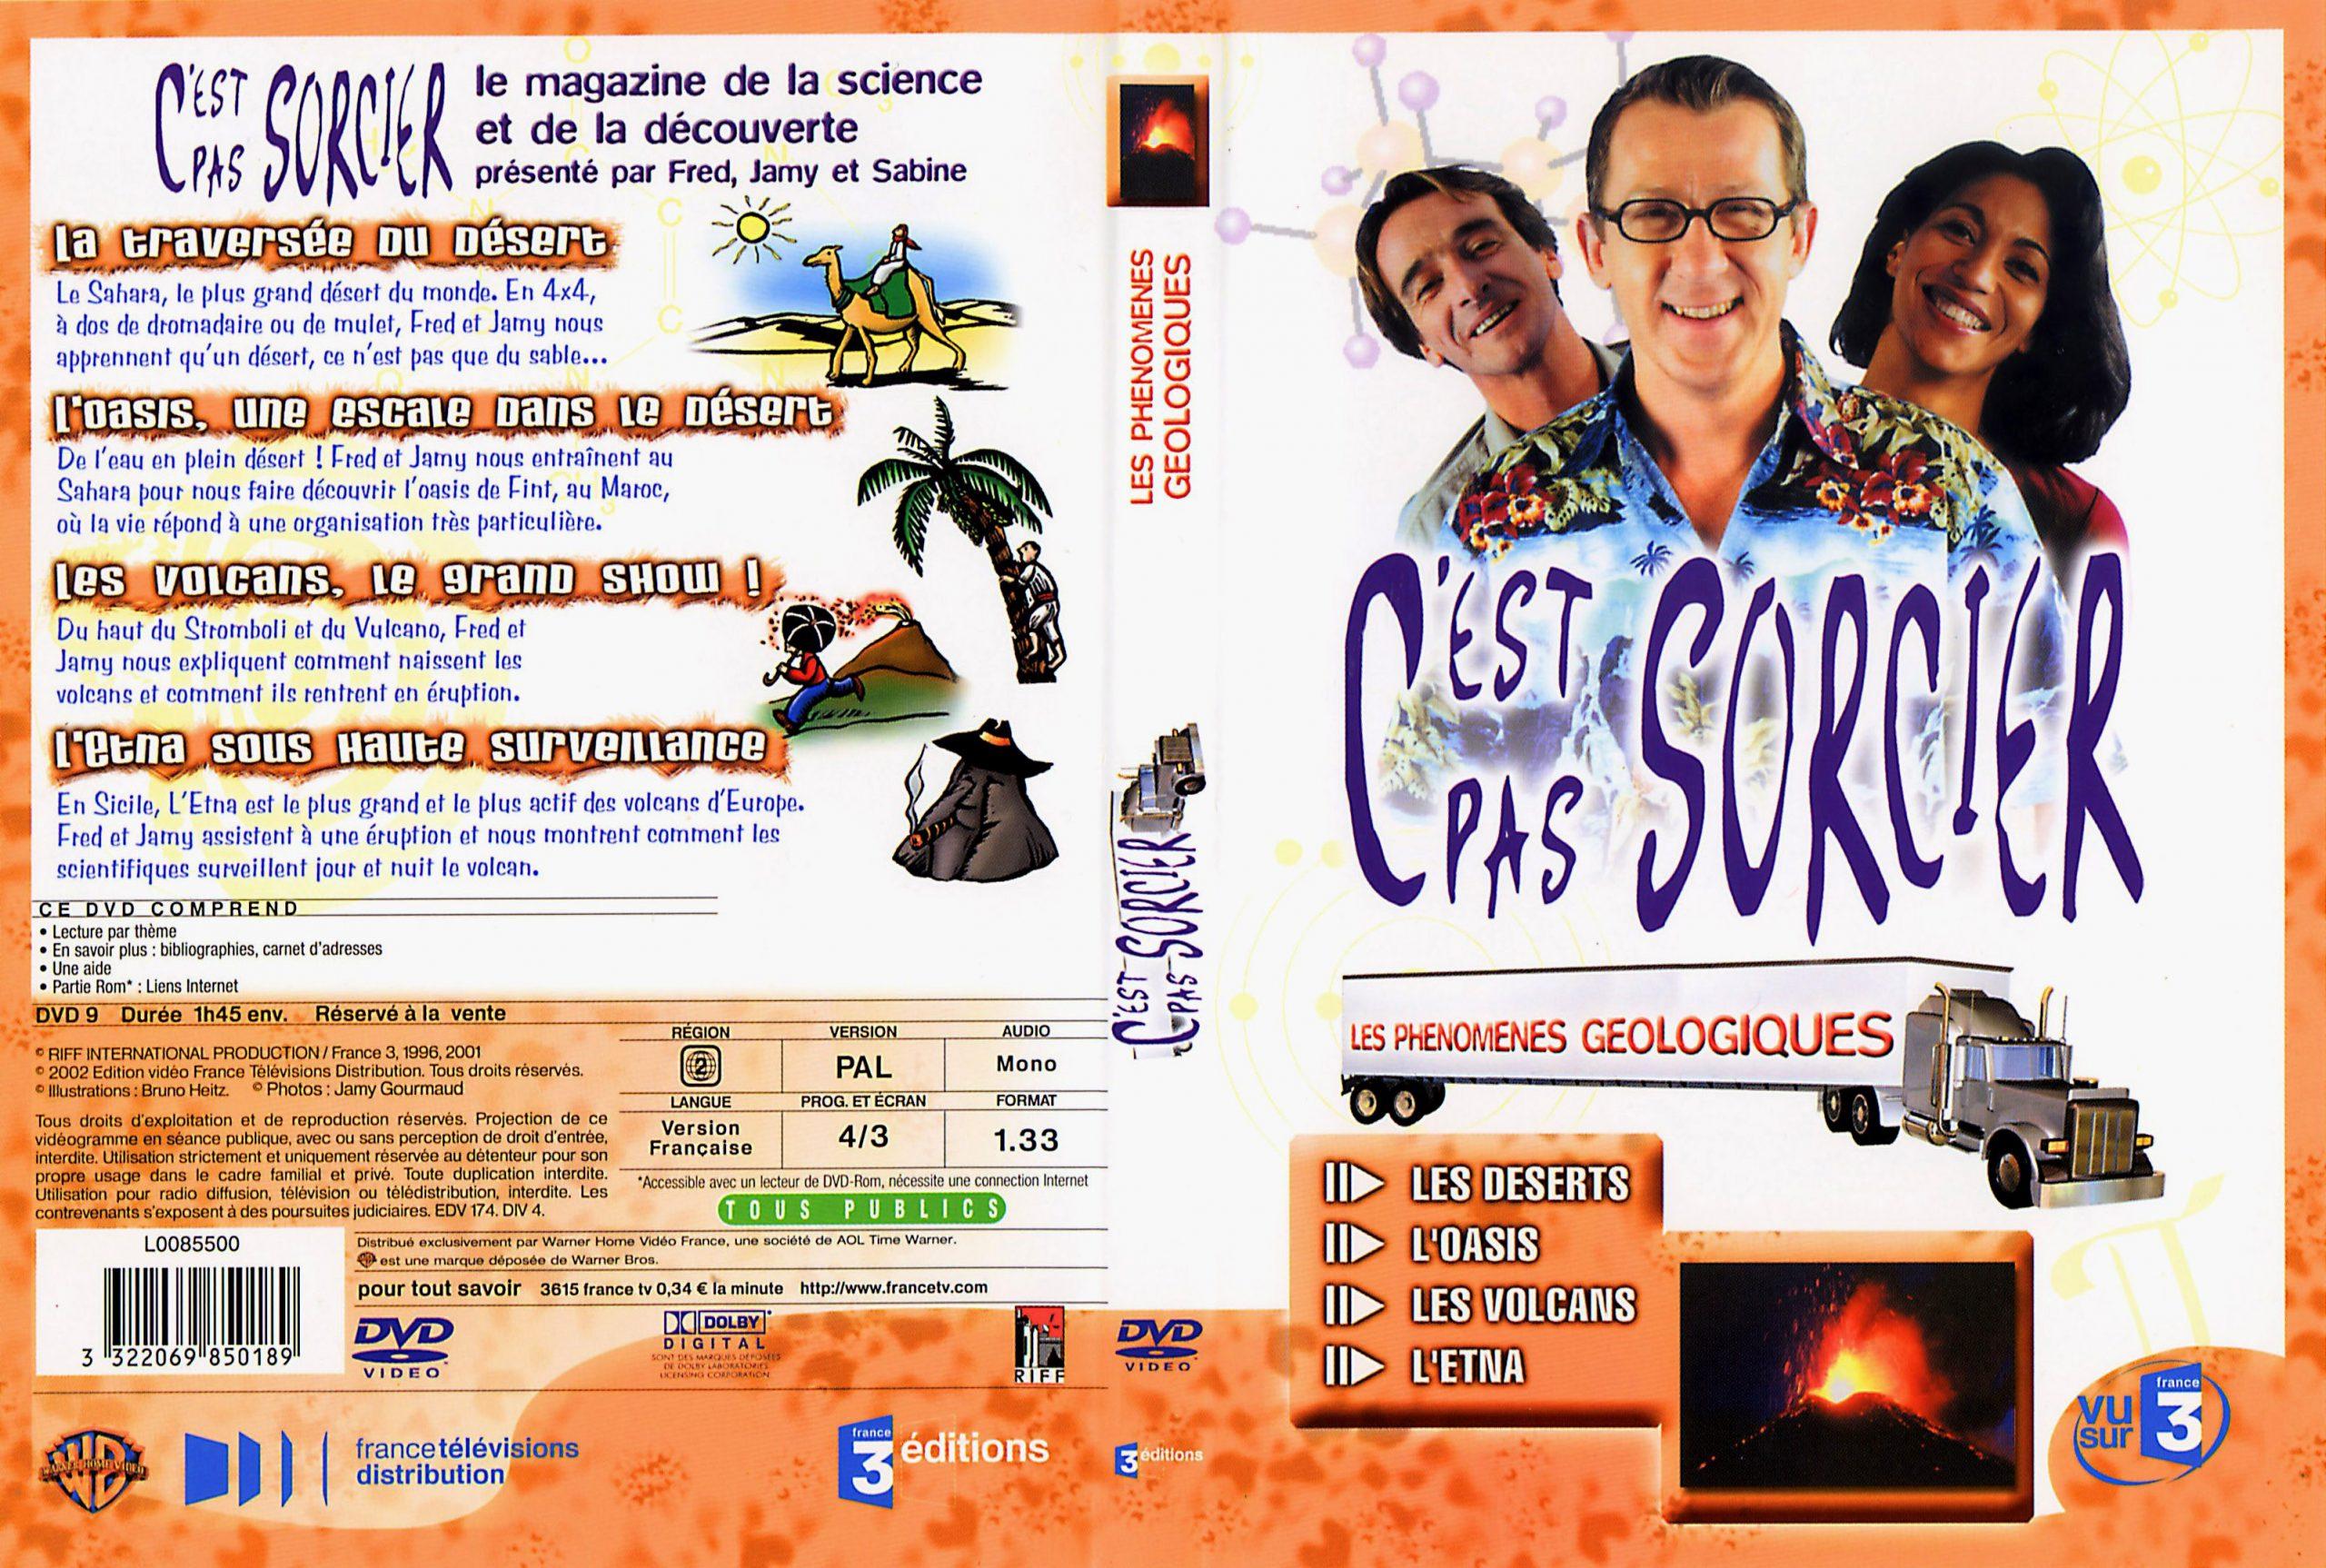 Jaquette Dvd De C'Est Pas Sorcier Les Phenomenes tout Le Système Solaire C Est Pas Sorcier